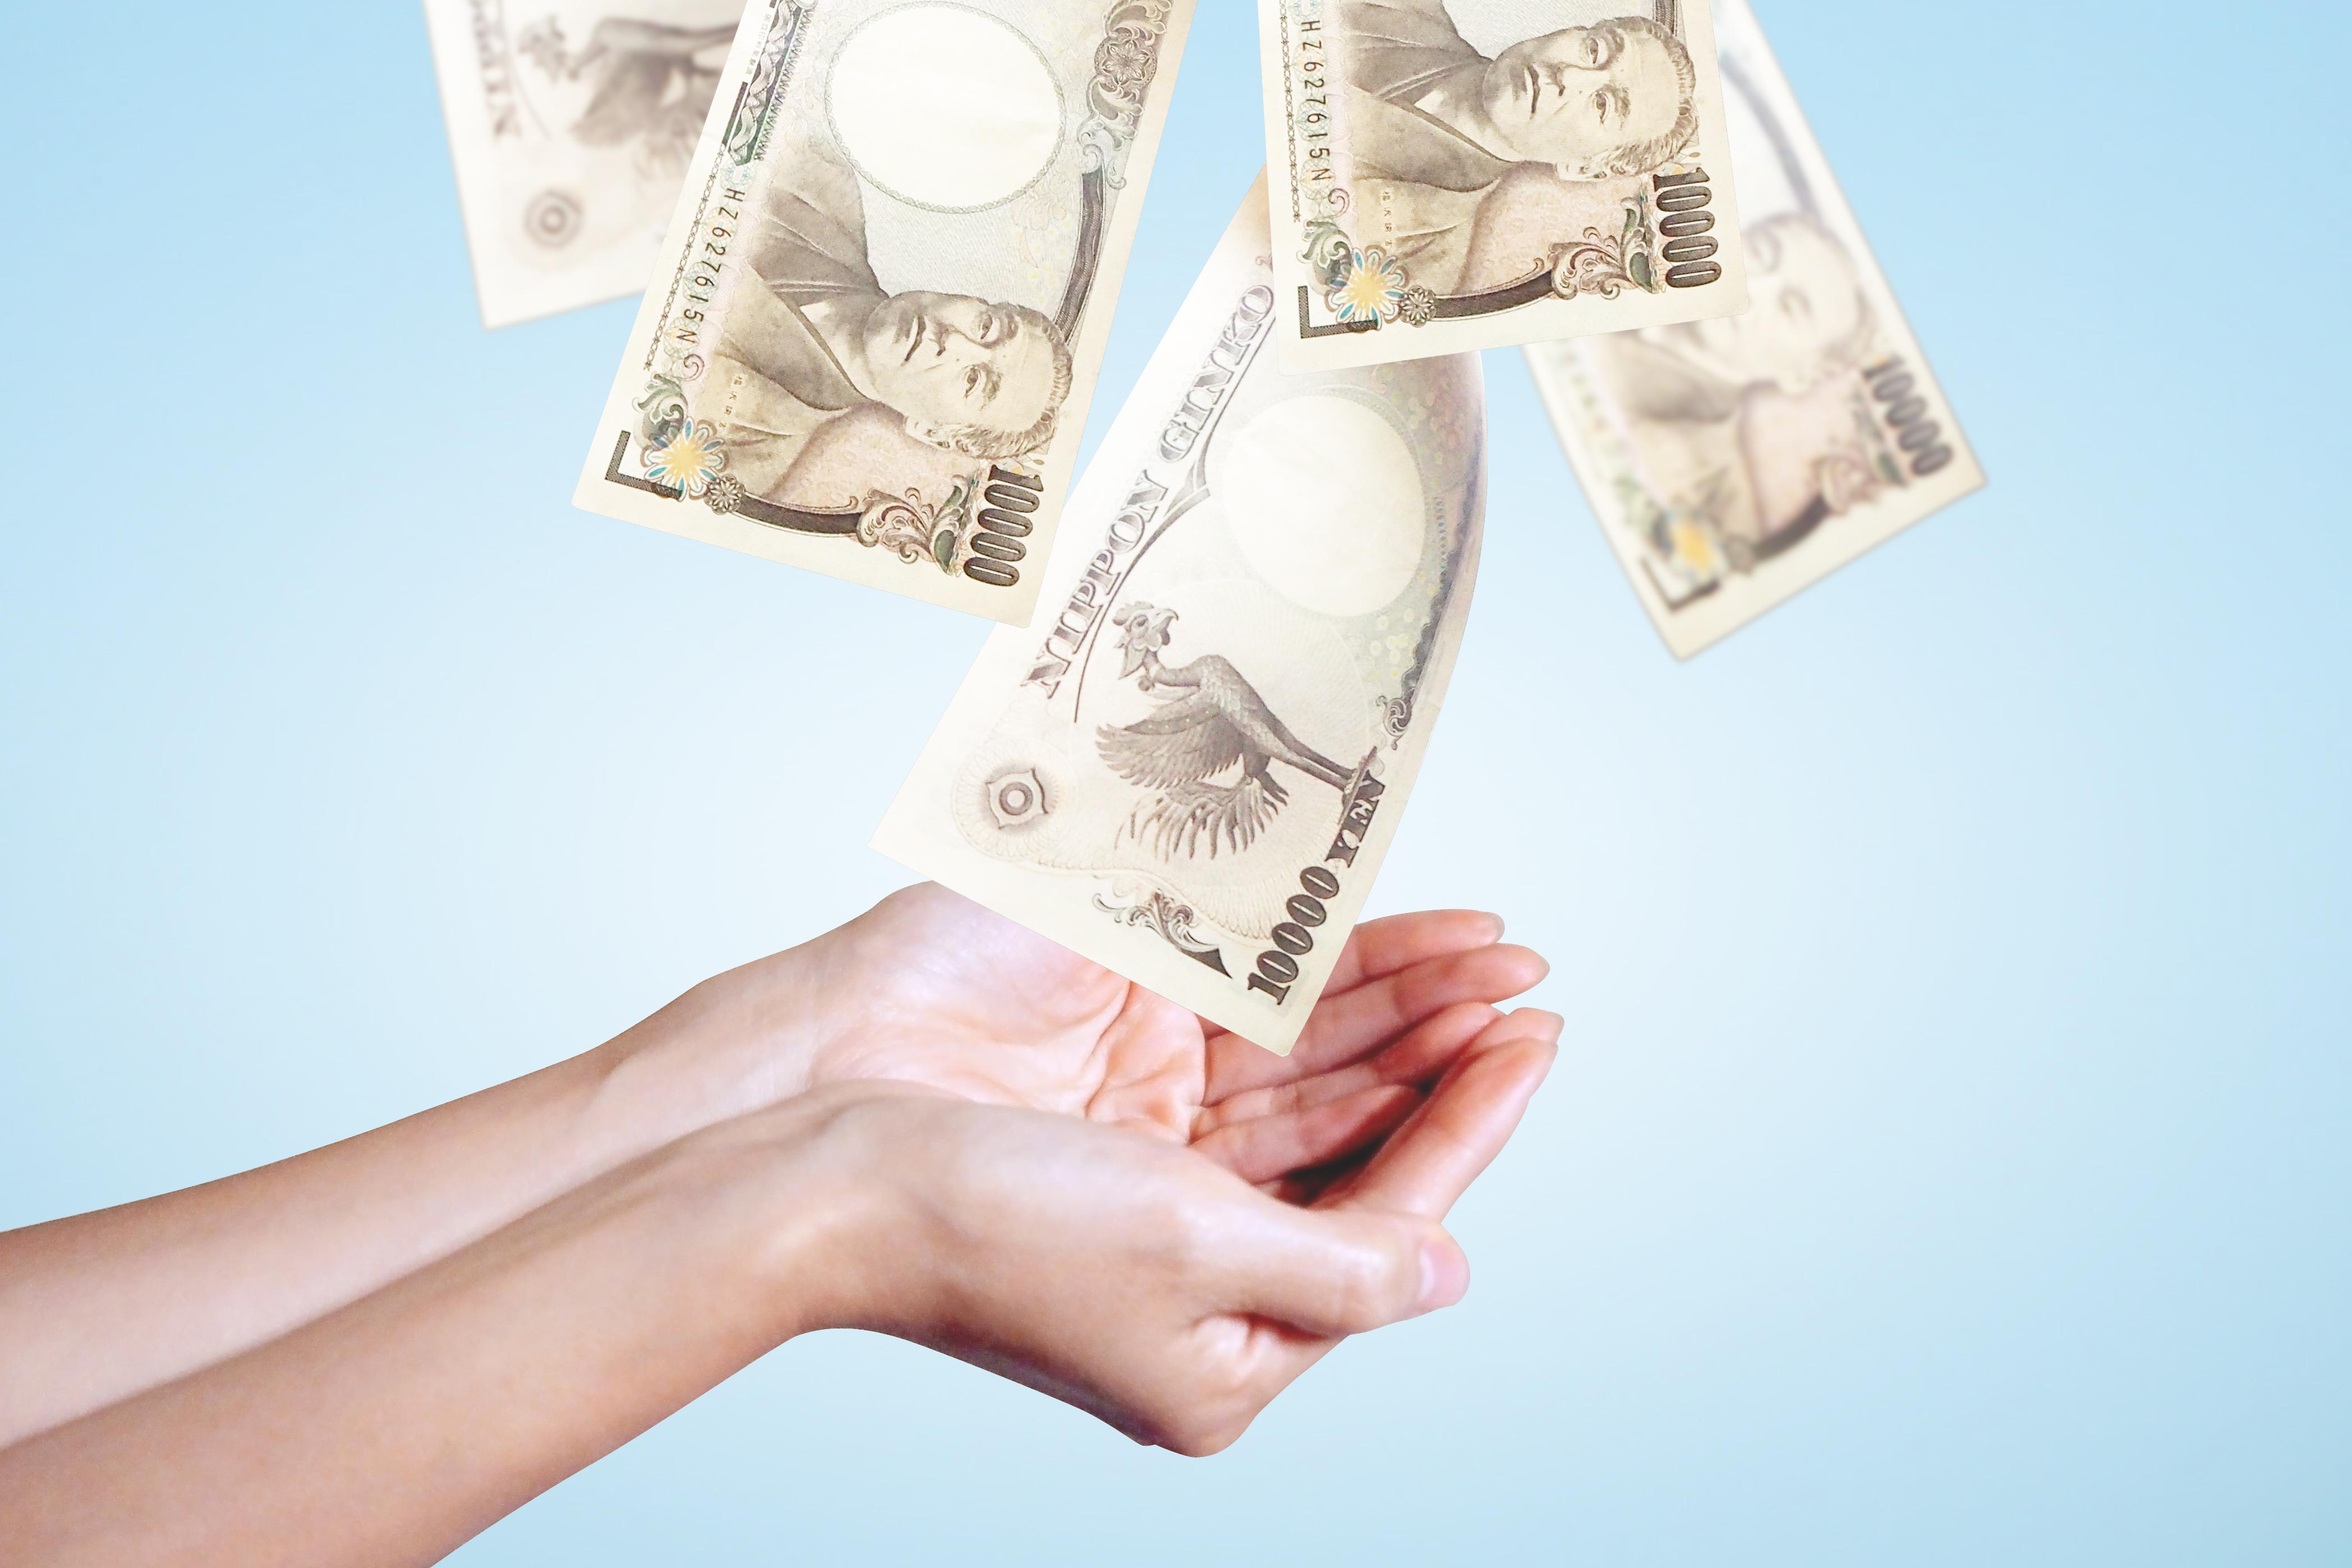 楽天ポイントギフトカードを現金に換える方法は3つある